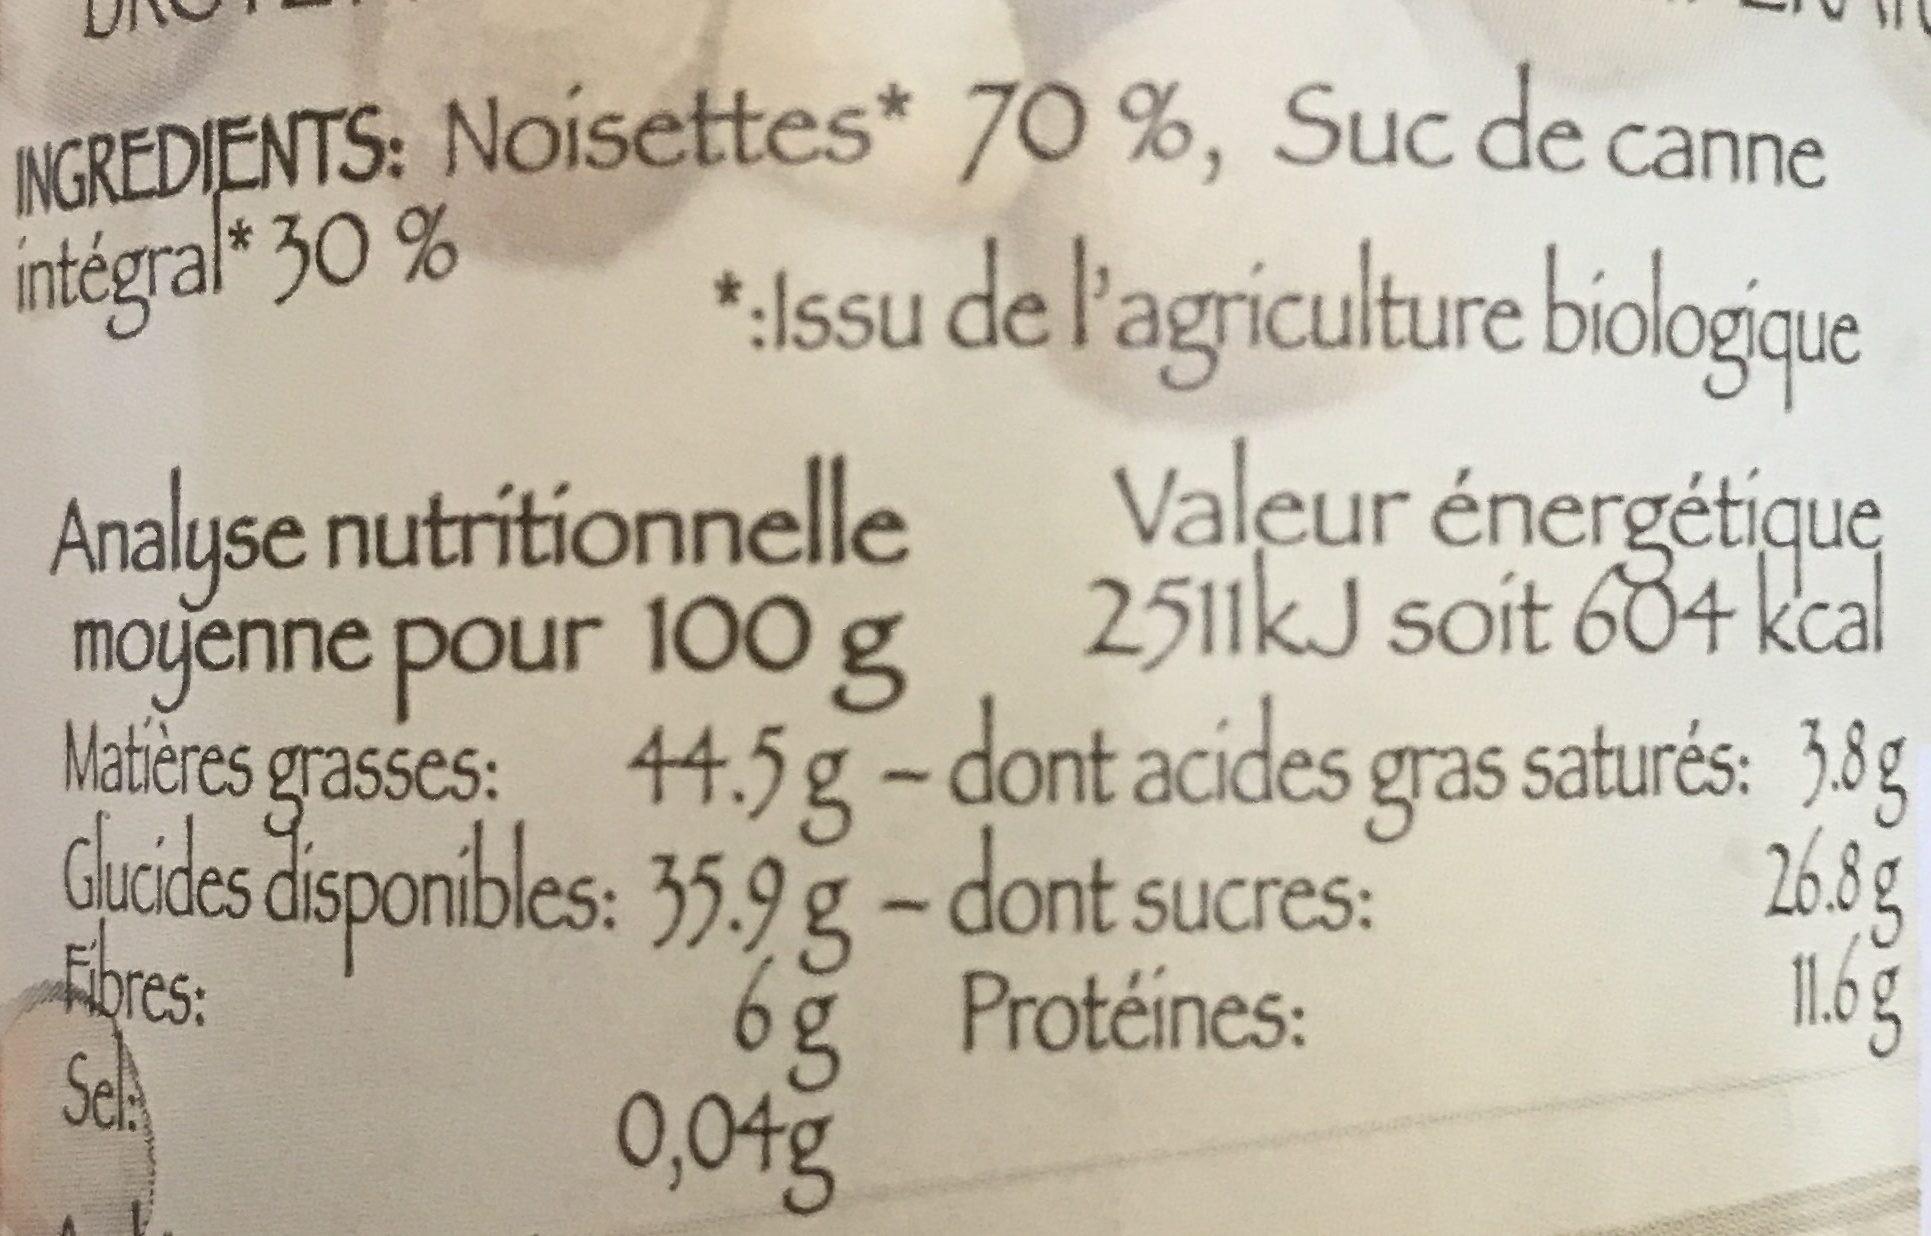 Noisette au Suc de Canne Intégral - Informations nutritionnelles